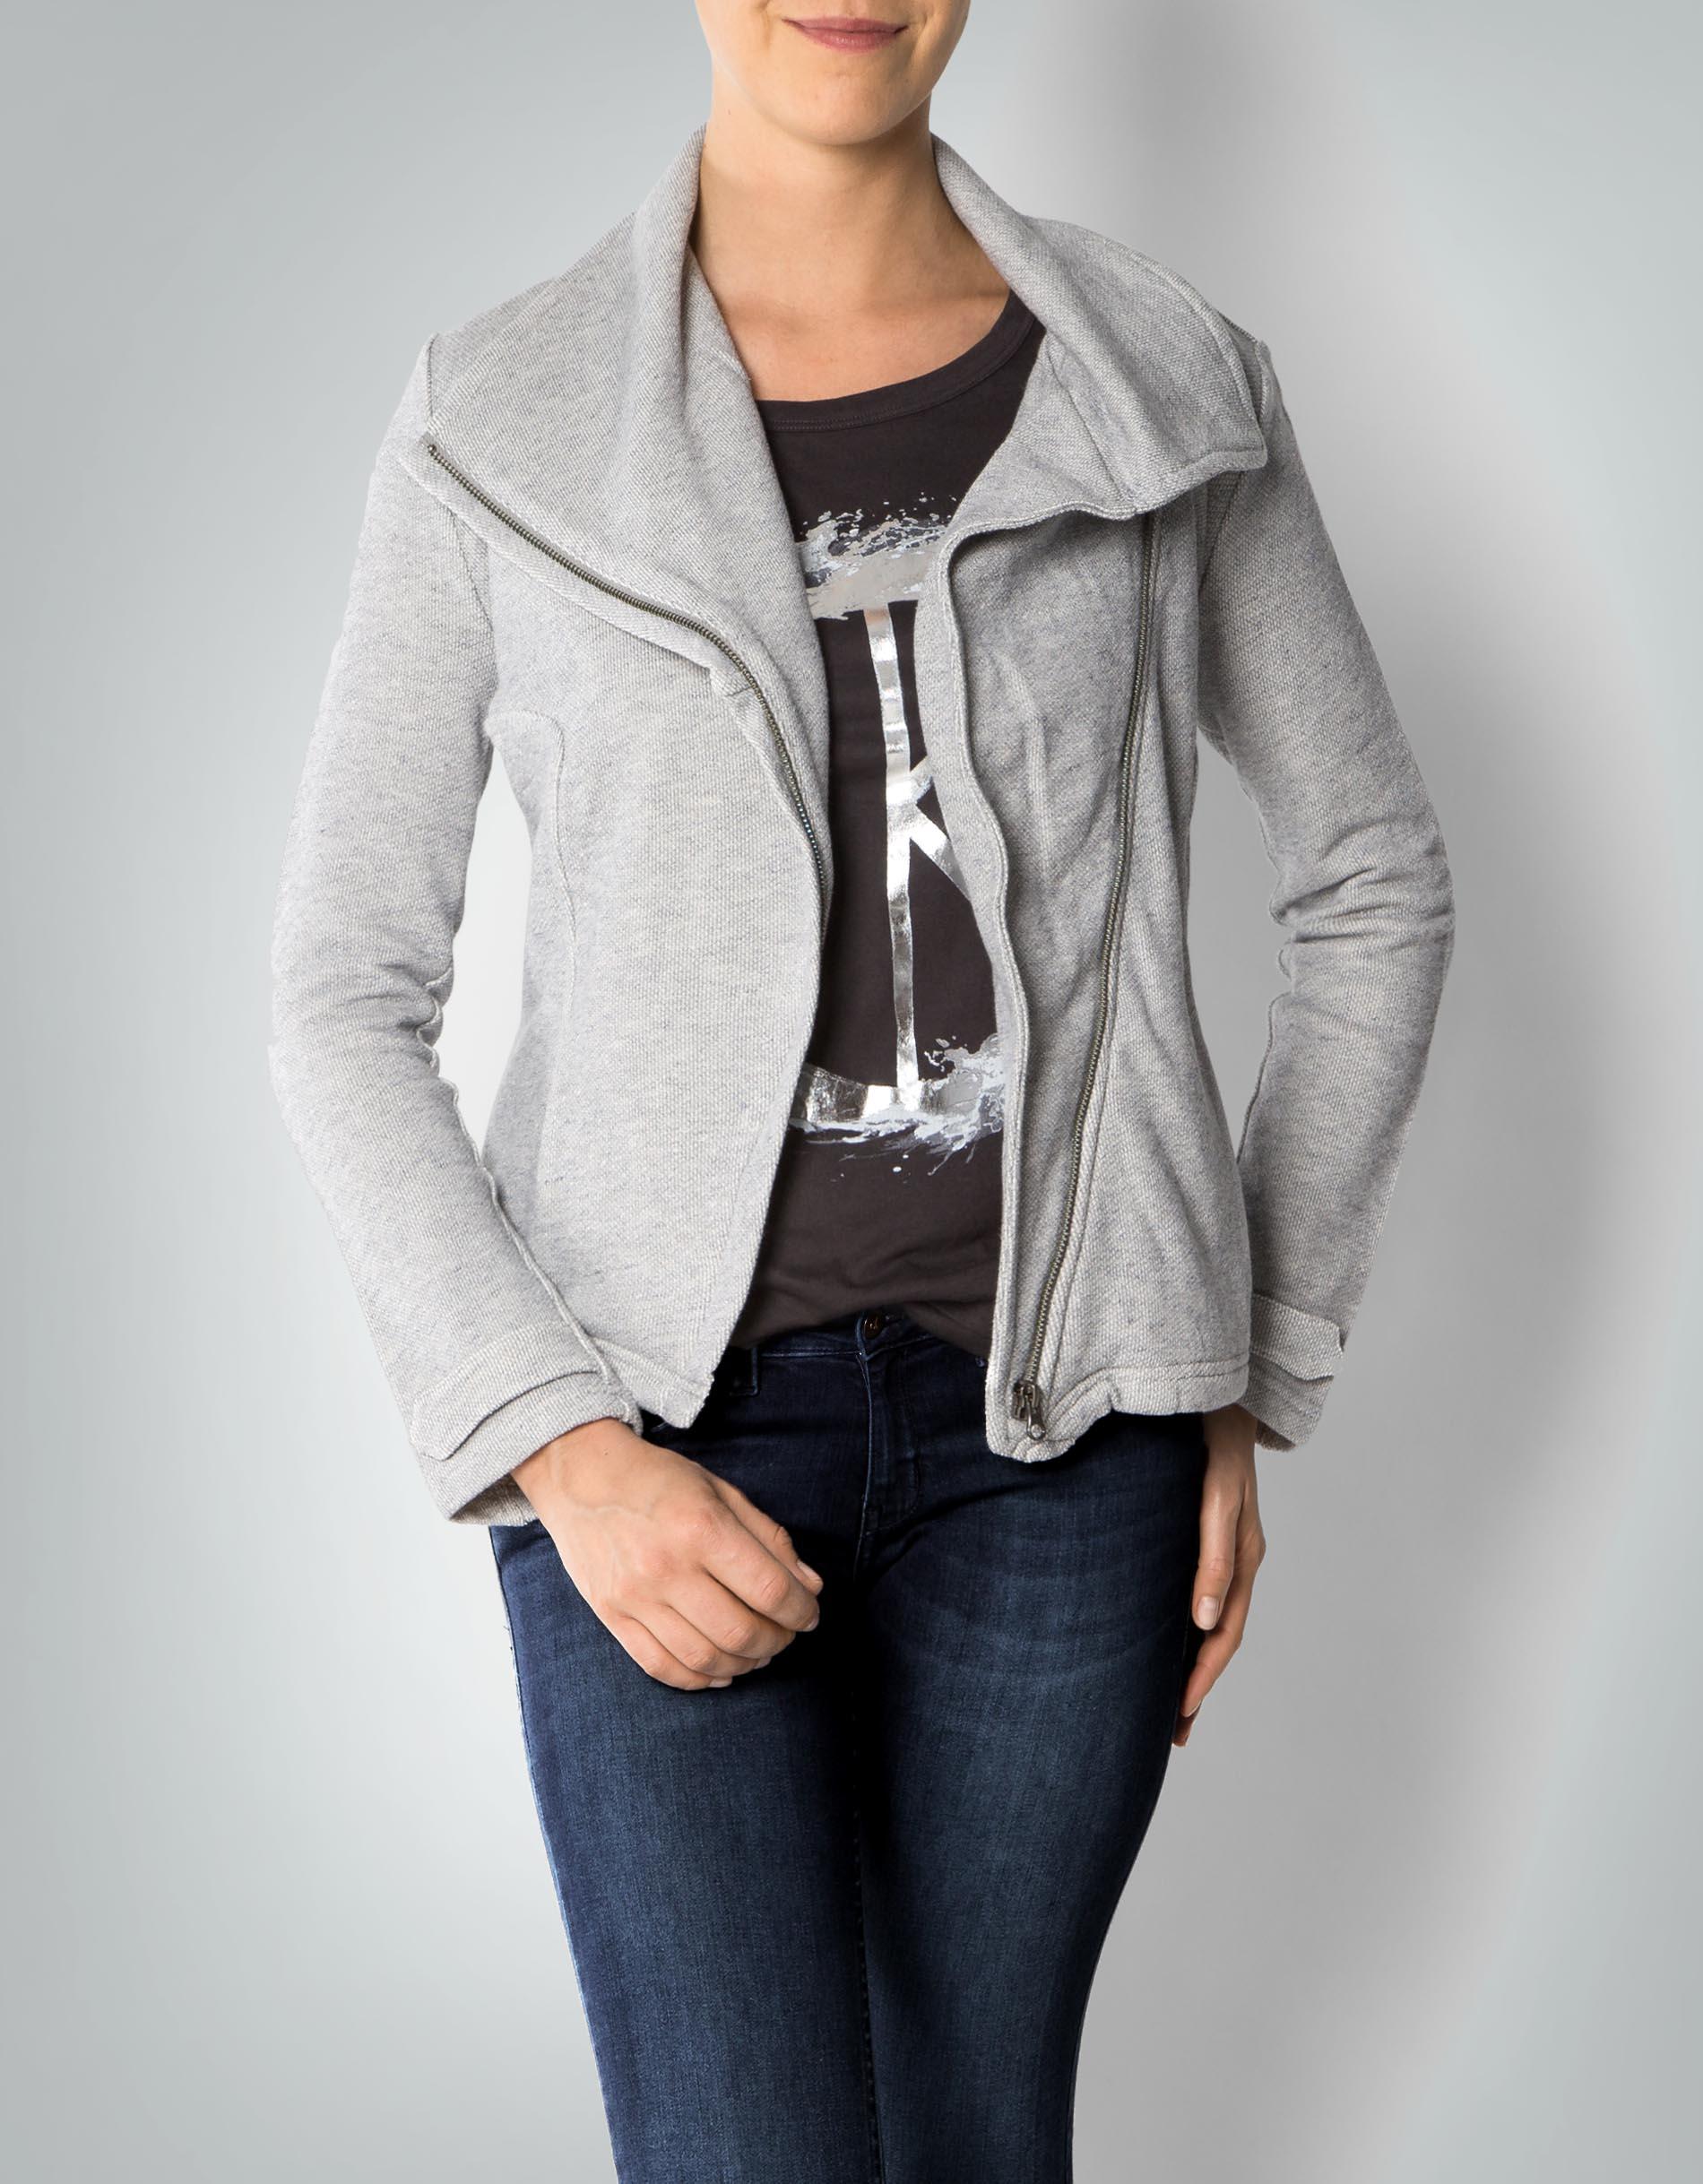 Optik Calvin Damen Melierter Cardigan Klein Jeans Empfohlen In Von qYrA6qW